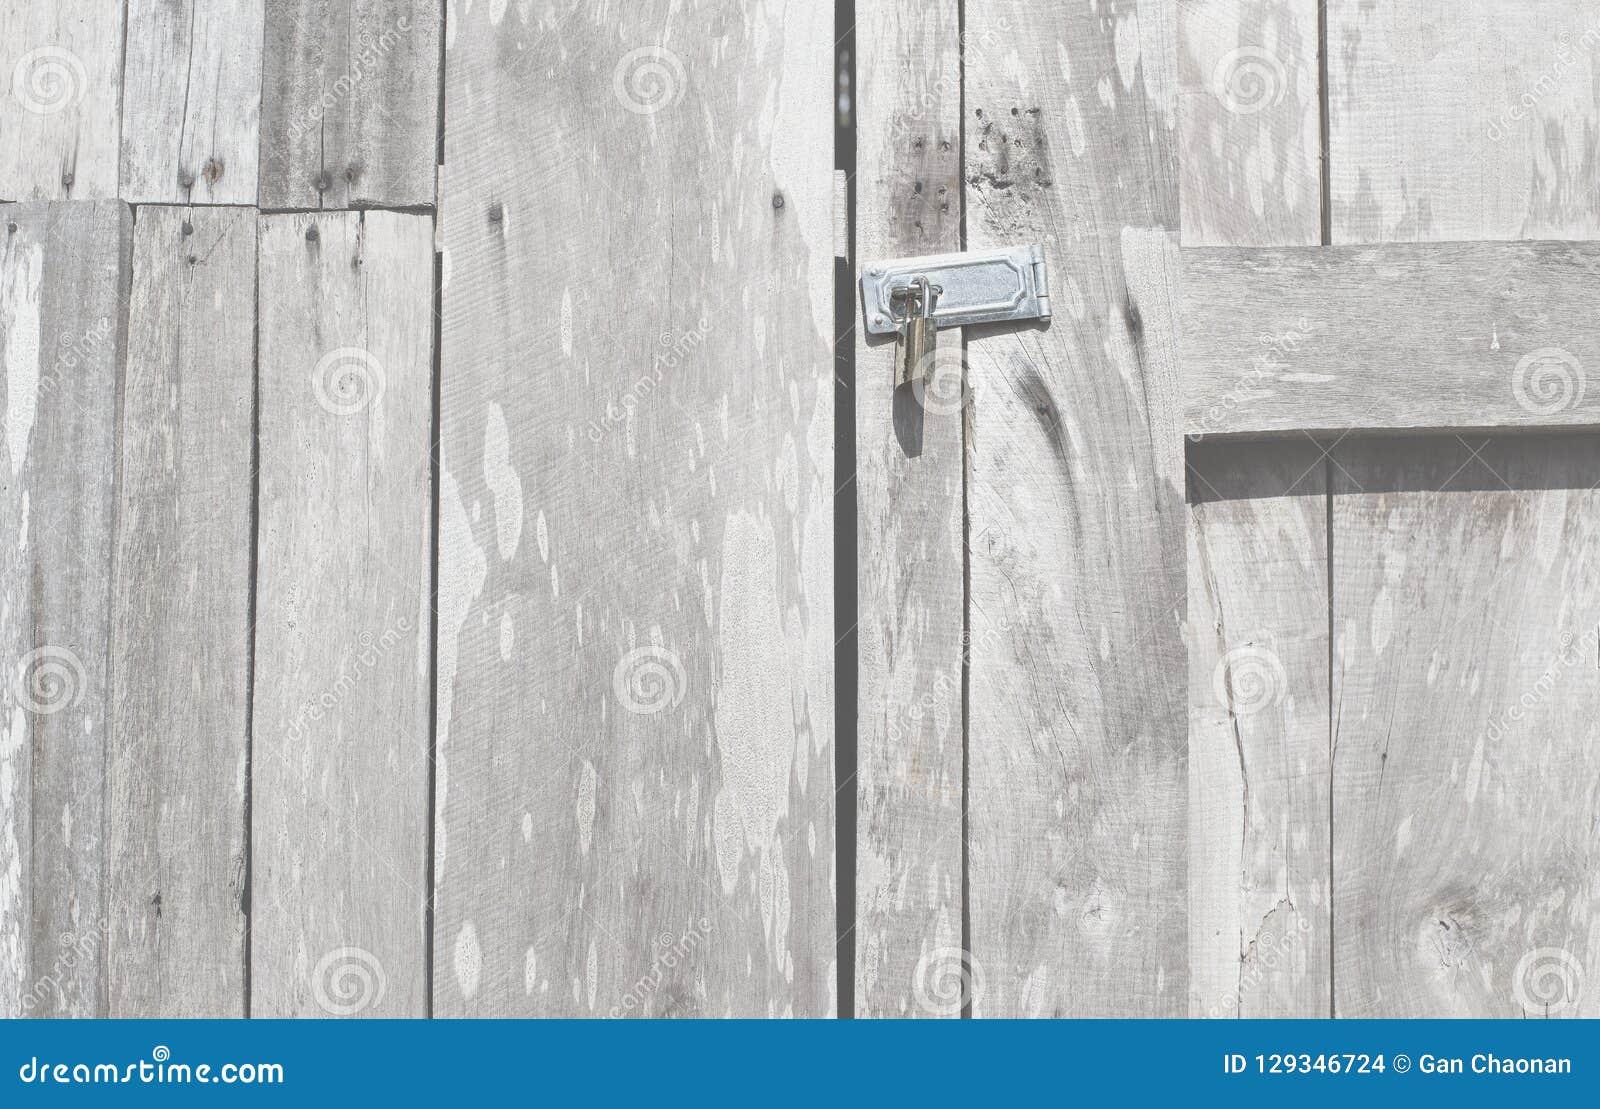 Låsa stilen för dörren för dörren den retro träthai gamla och för antikvitetlåsdörren Bakgrundscloseupträdörr med låset